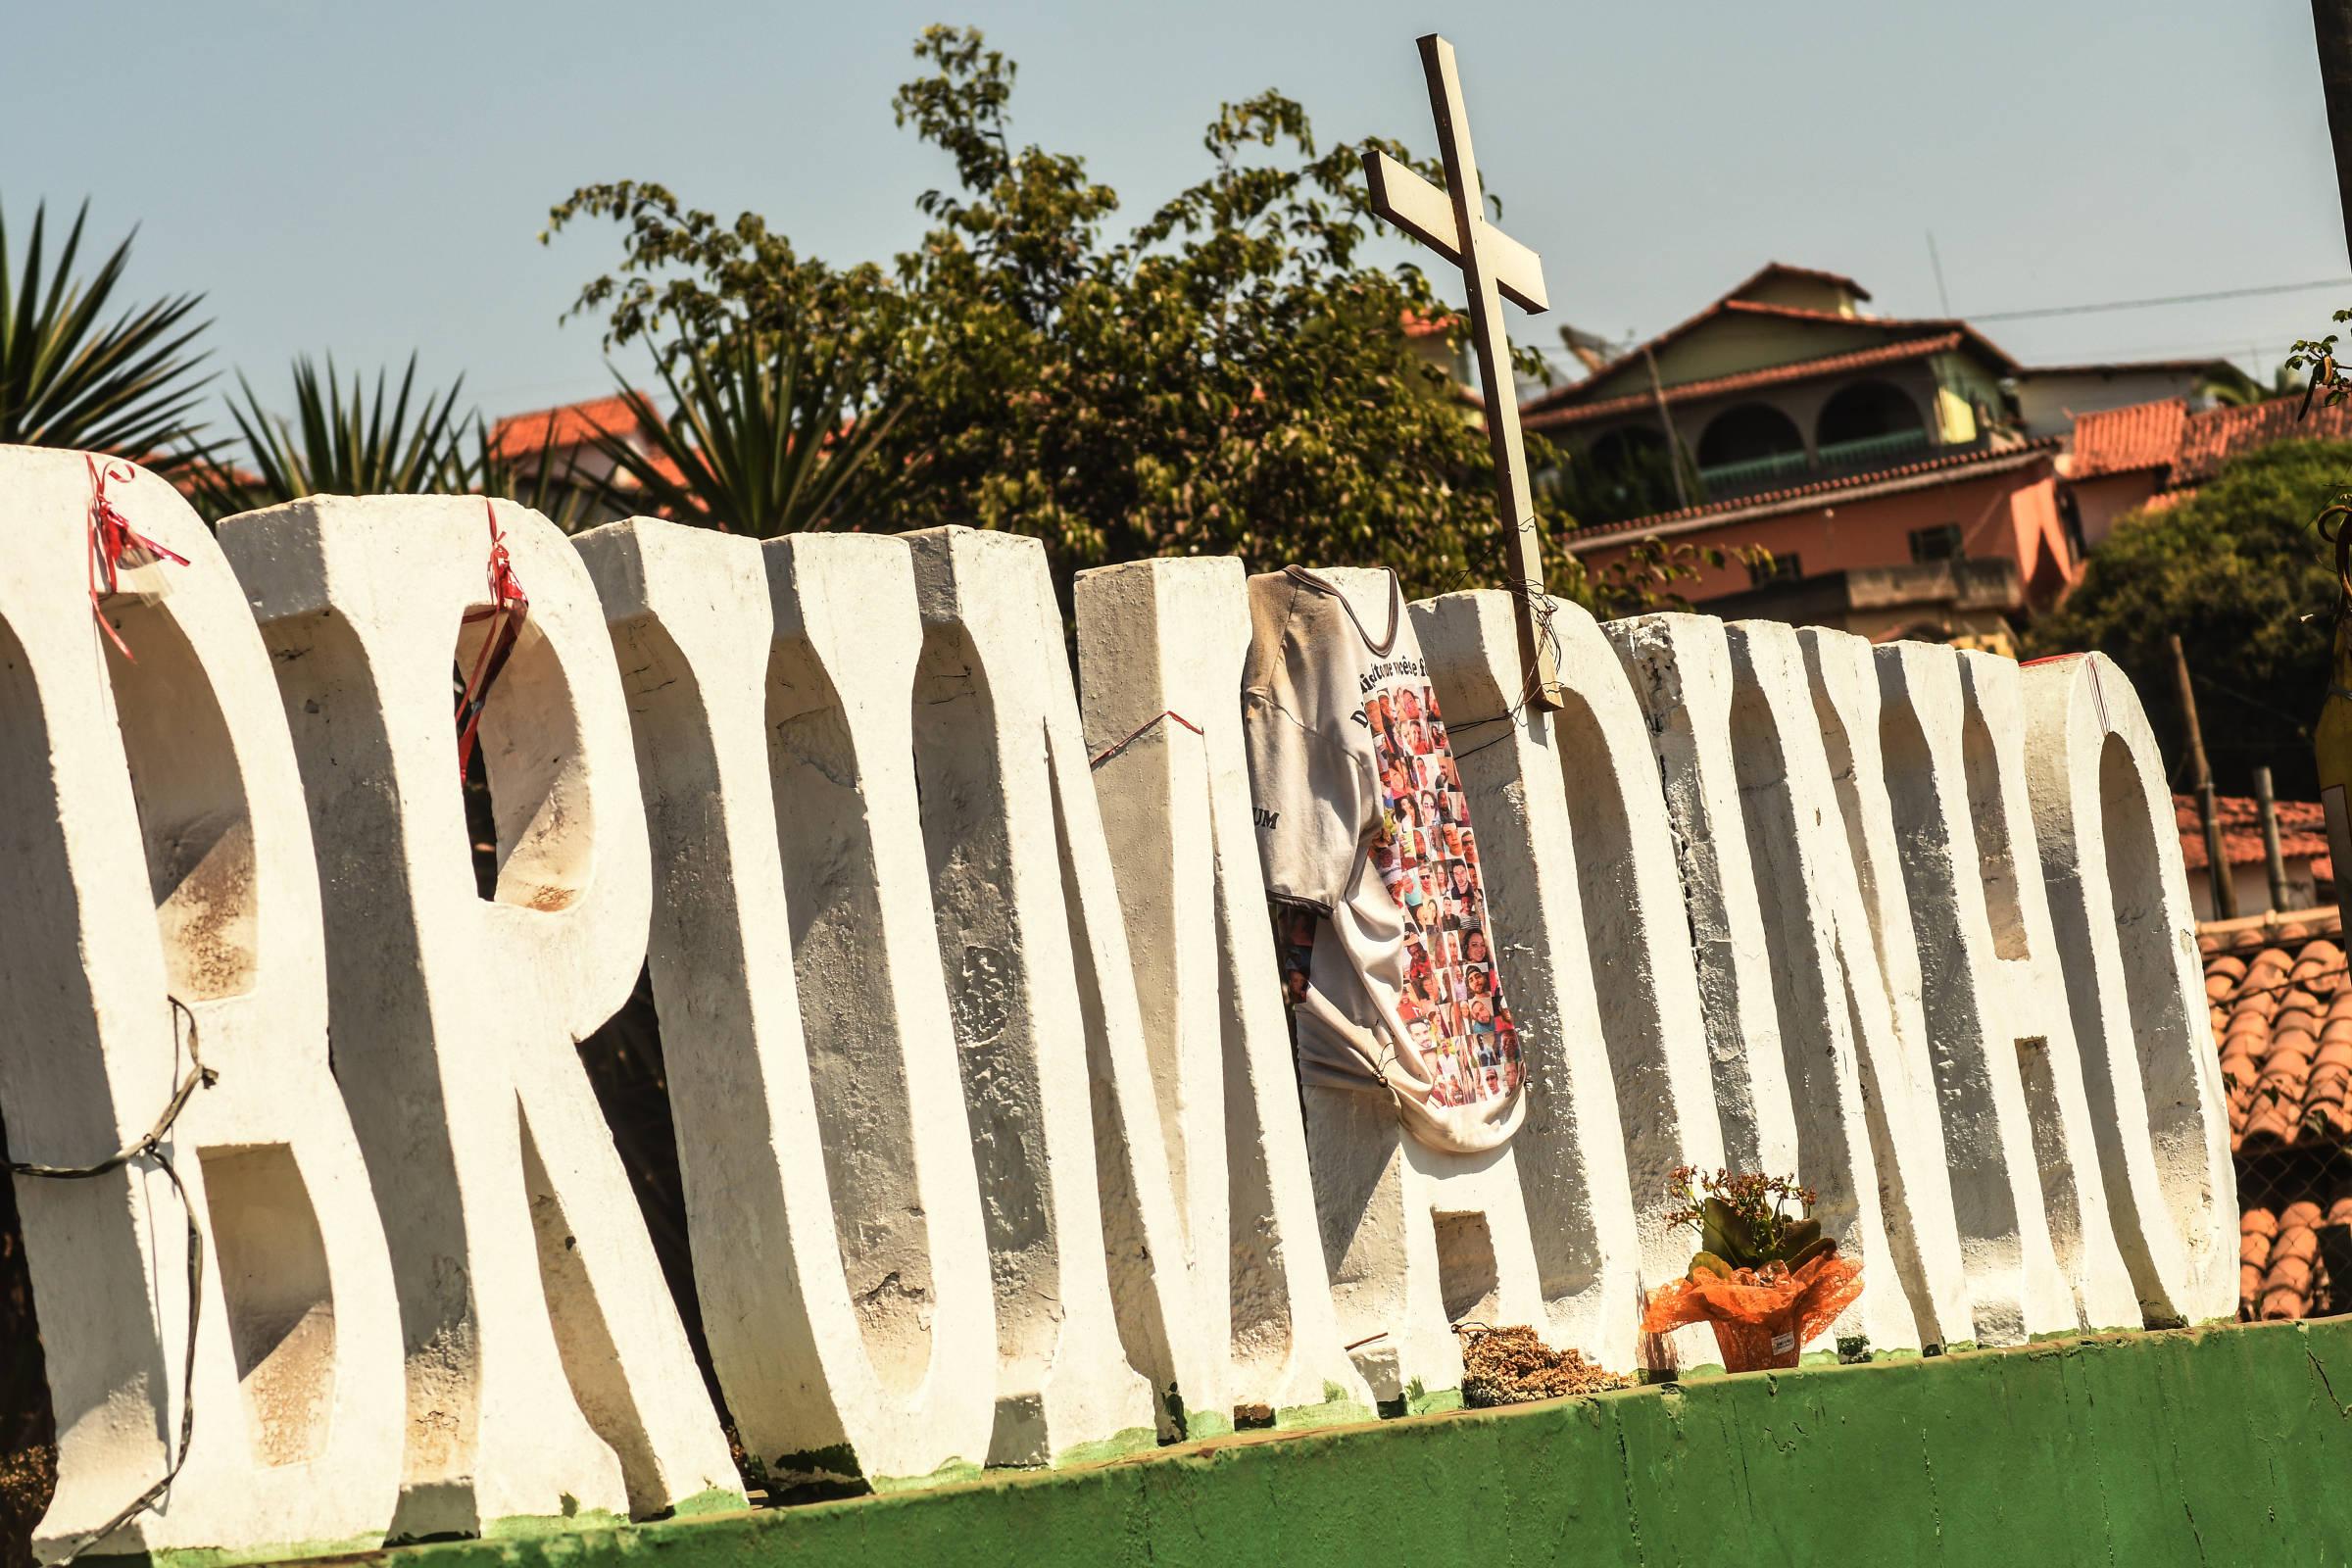 Cruz deixada em letreiro de Brumadinho dá o tom de clima mórbido da cidade mineira